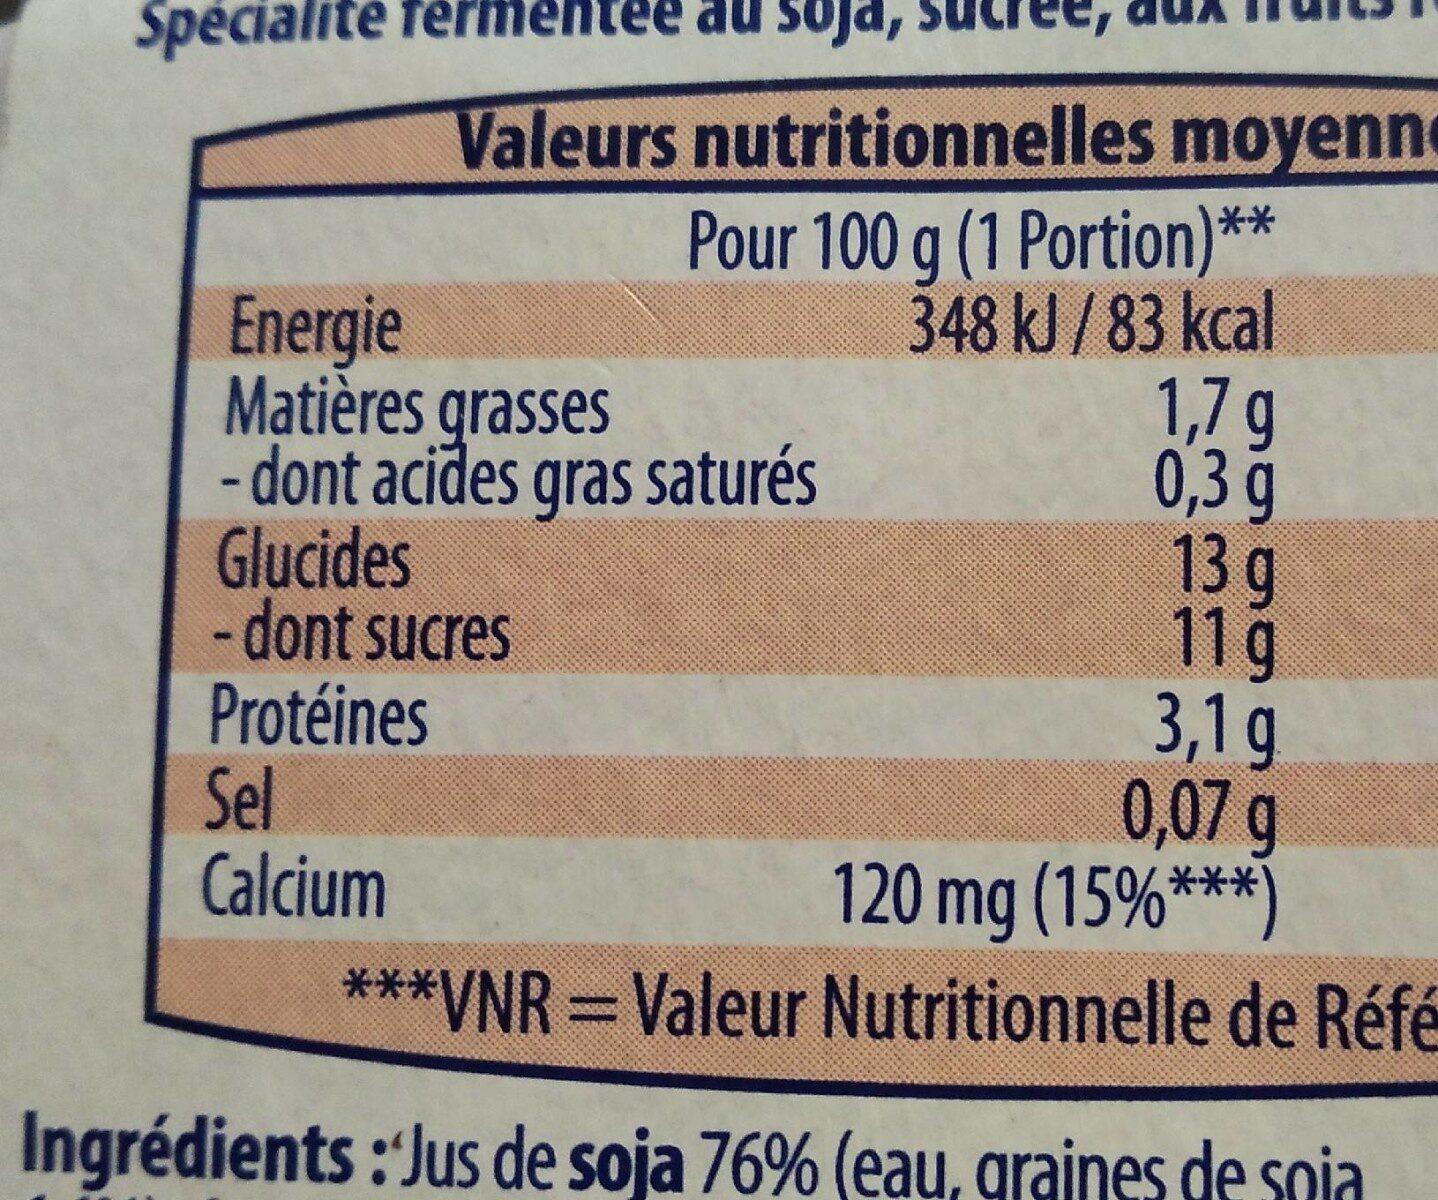 Spécialité végétale Soja Fruits rouges - Informations nutritionnelles - fr